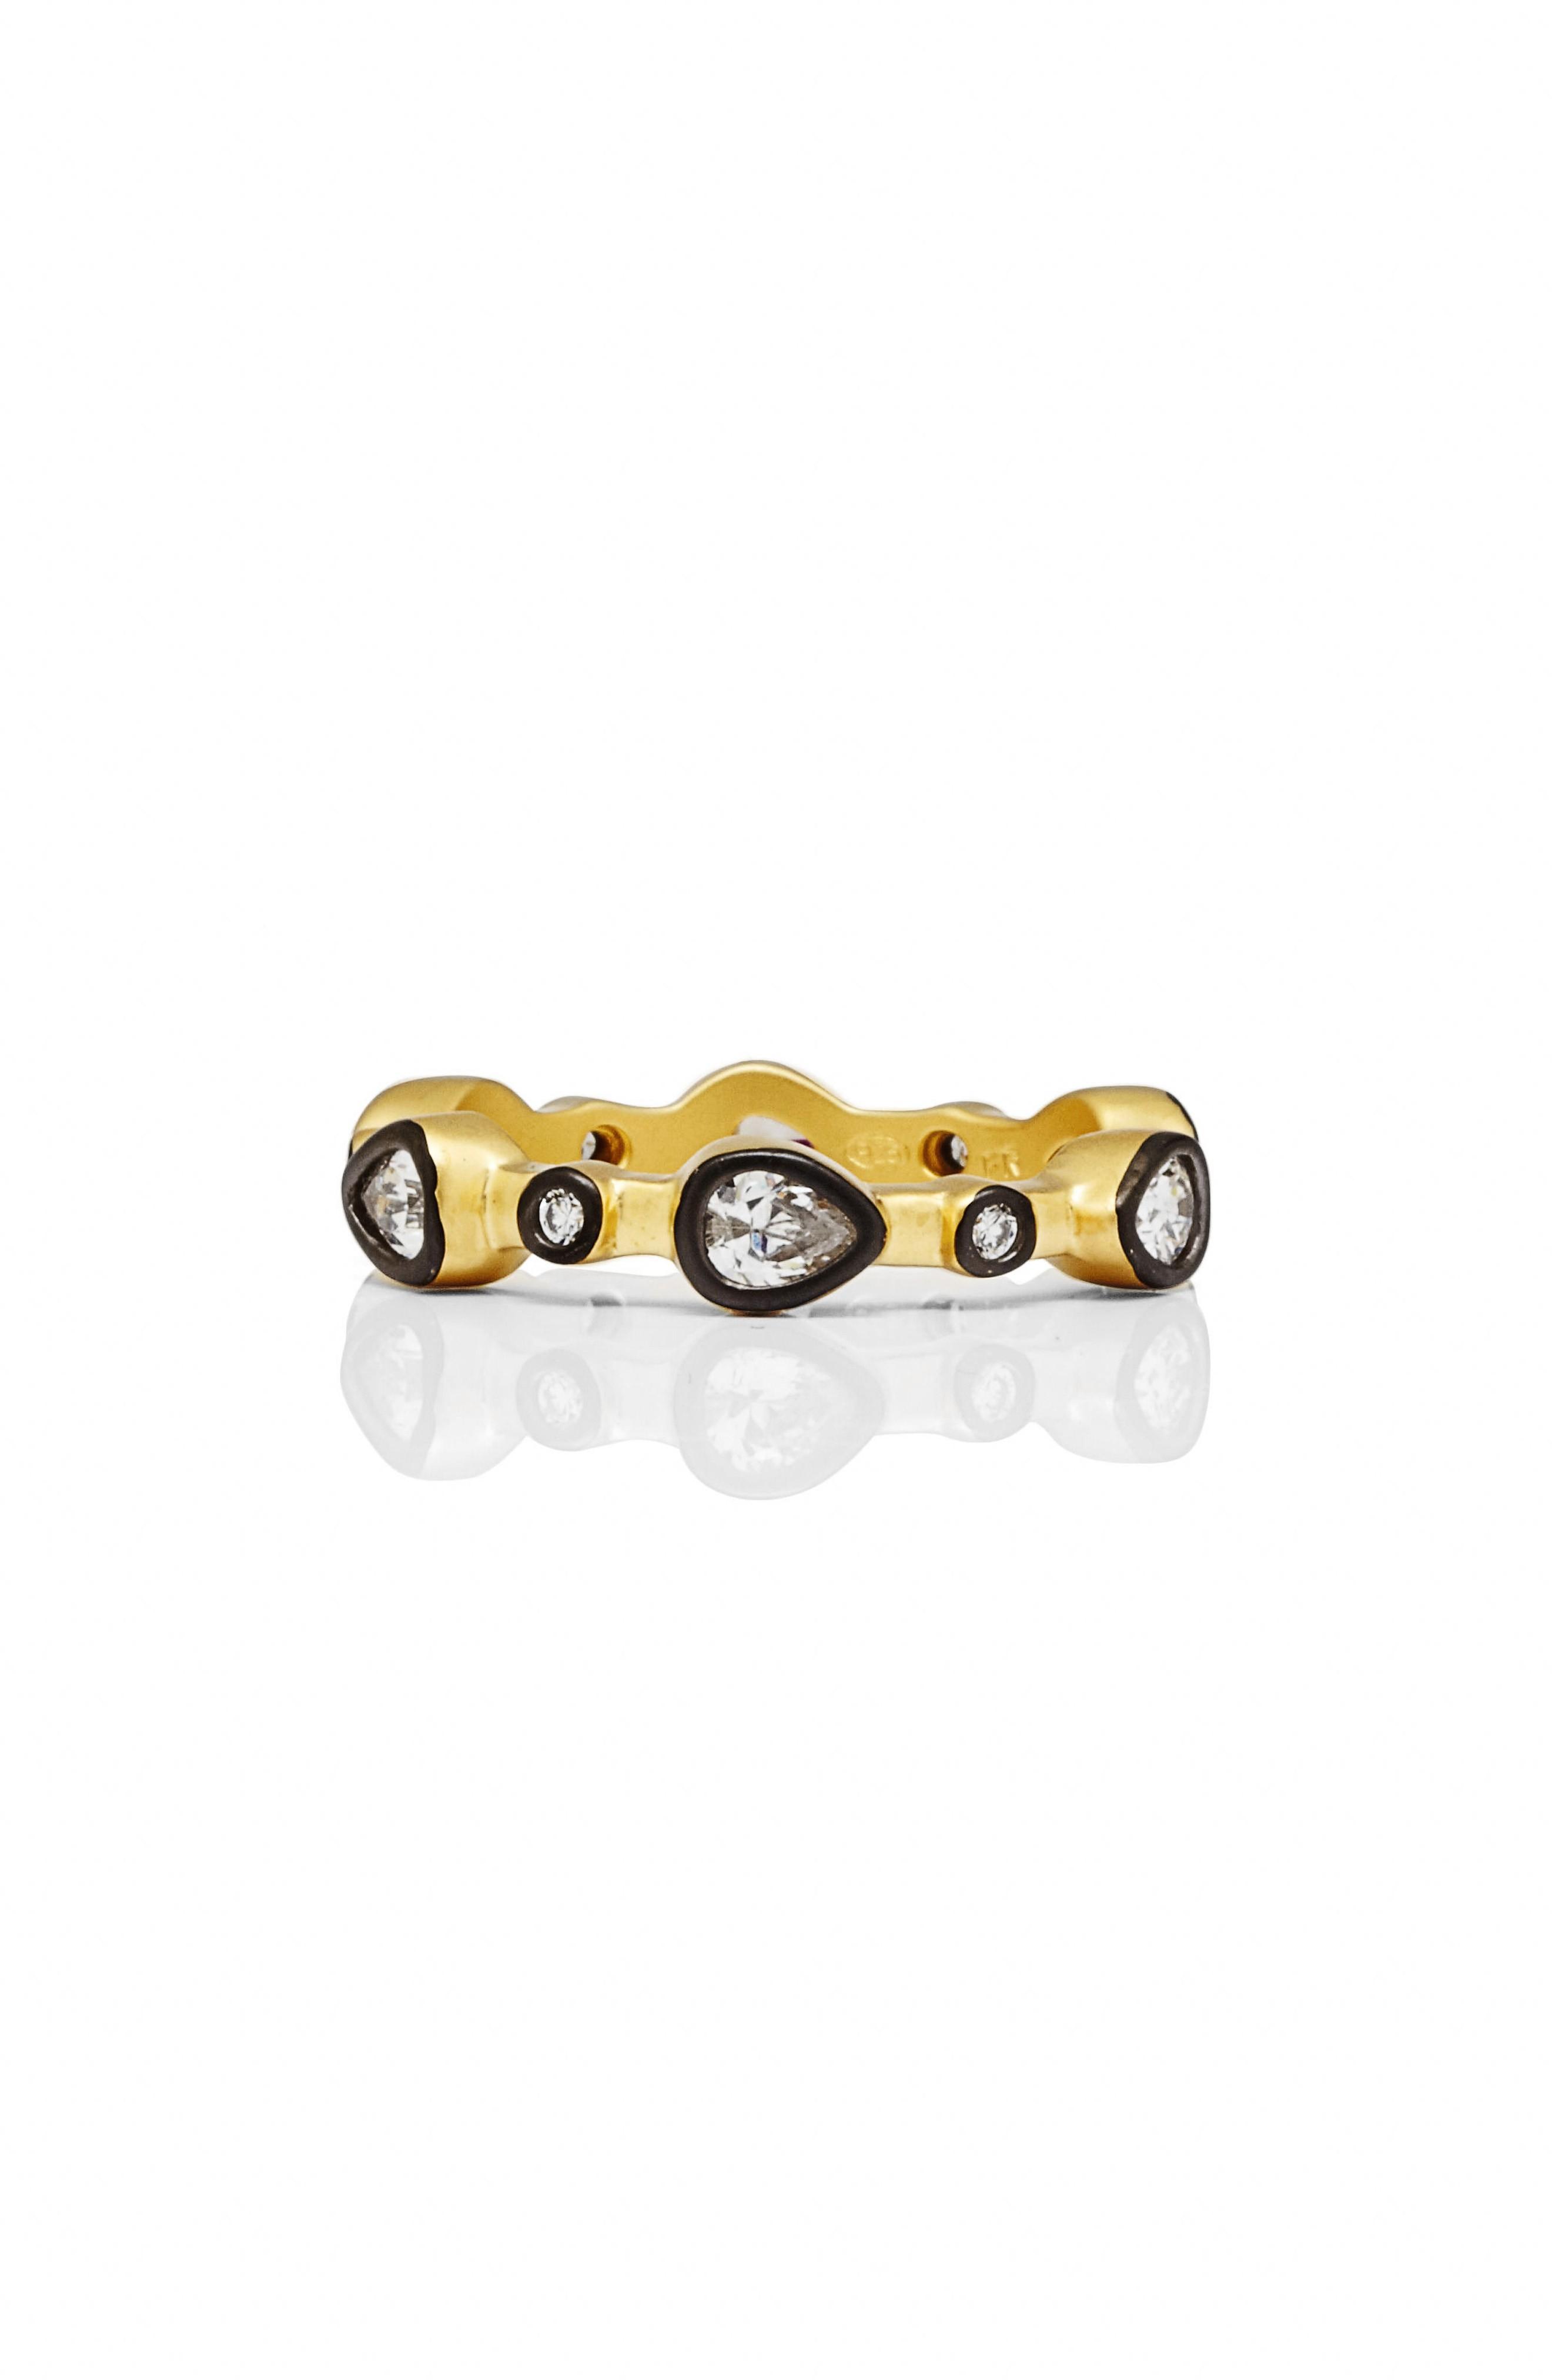 Freida Rothman Radiance Stacking Ring In Black/ Gold